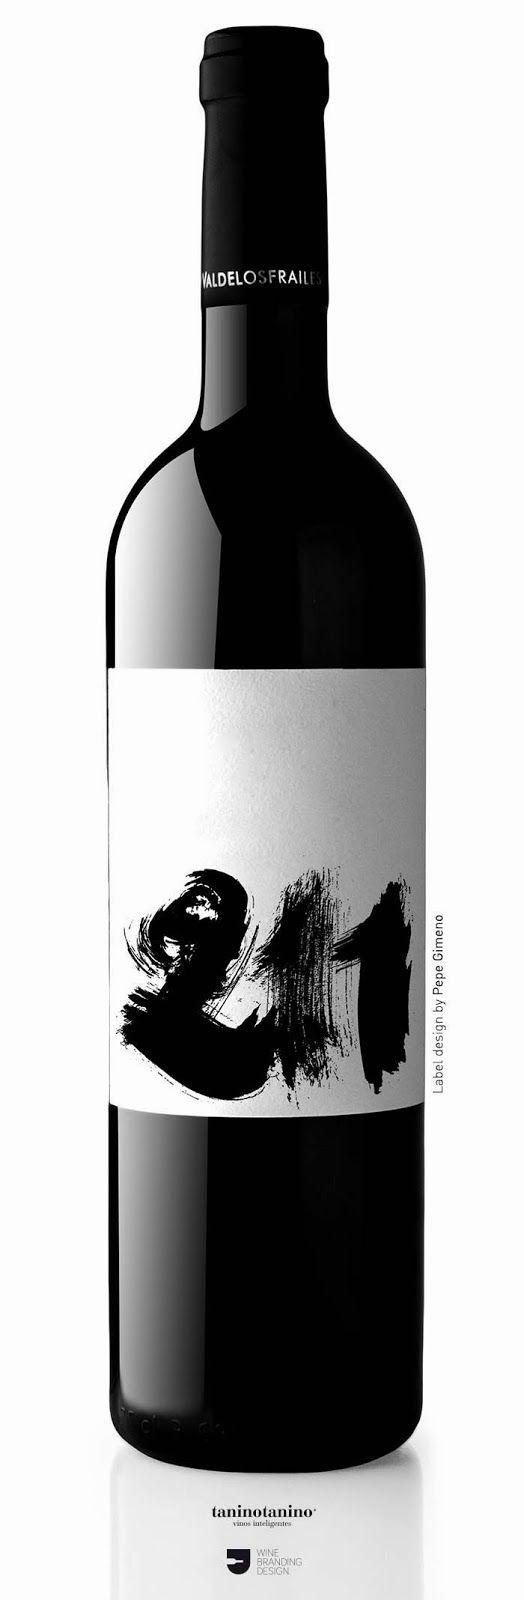 211 Wine     Agency:  taninotanino vinos inteligentes     Design:  Pepe Gimeno